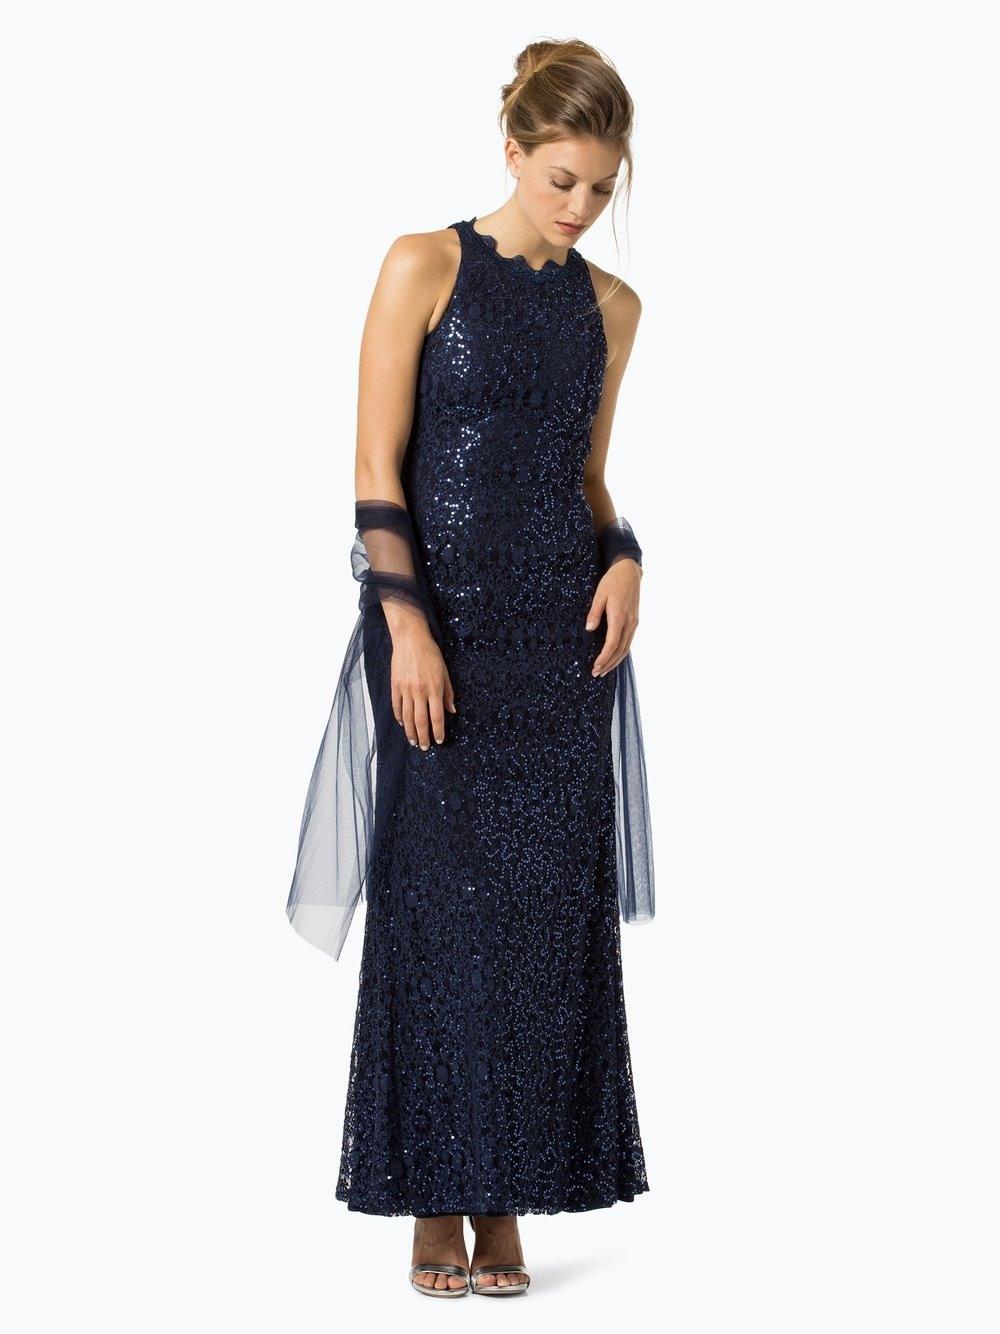 10 Luxurius Abendkleider Kaufen BoutiqueDesigner Schön Abendkleider Kaufen Vertrieb